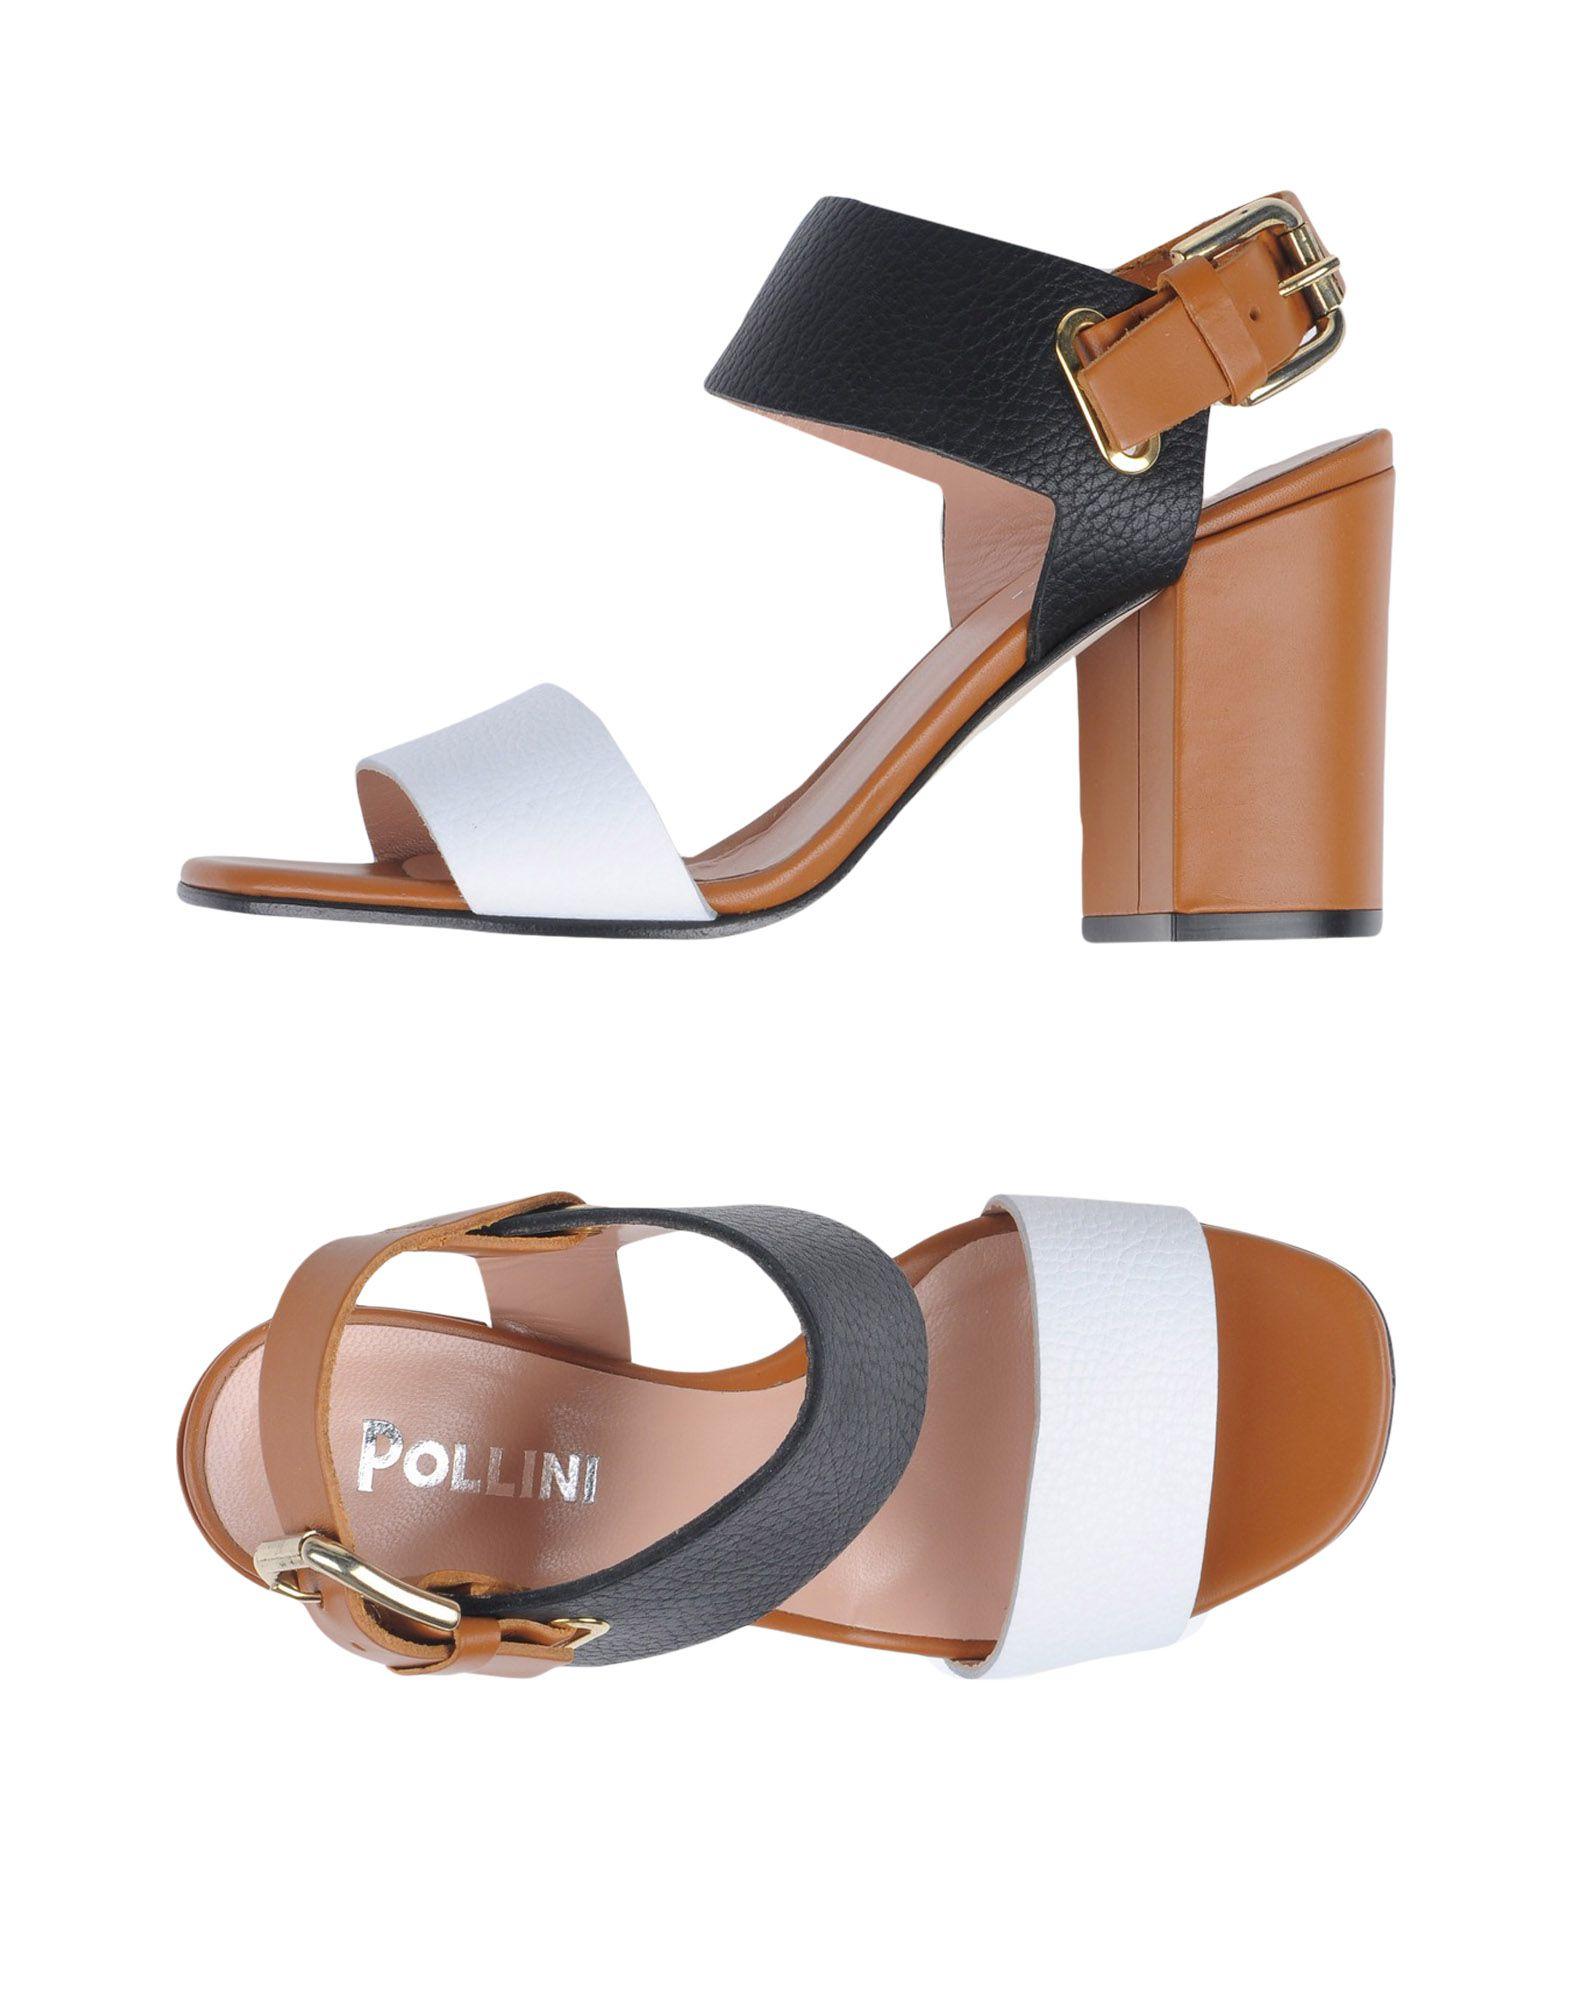 Pollini Sandalen Damen  11331292FXGut aussehende strapazierfähige Schuhe